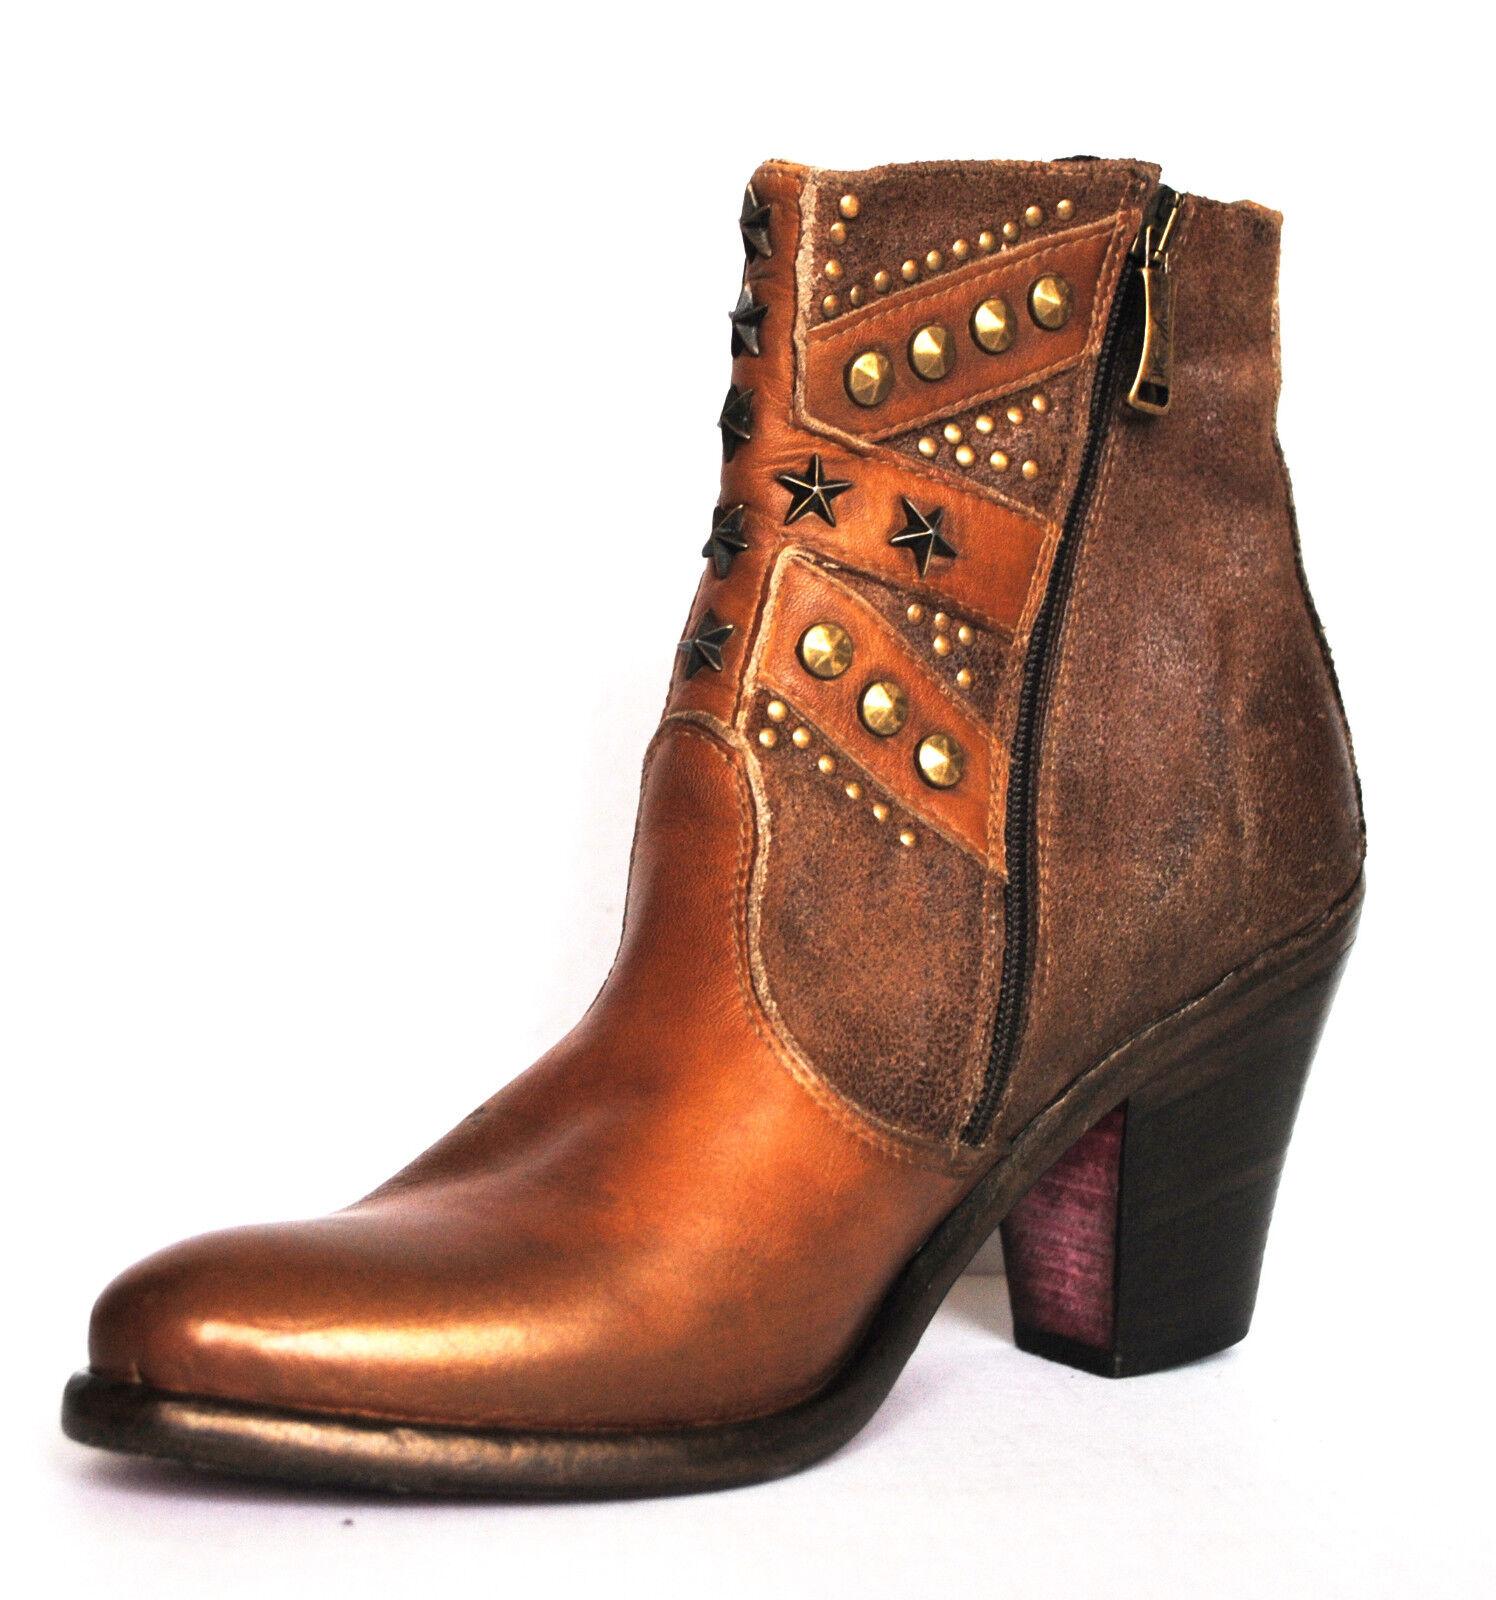 vendite dirette della fabbrica Scarpe Stivali Stivali Stivali stifletten WE ARE REPLAY ITALY HANDMADE  259 TG 38 NUOVO  in cerca di agente di vendita